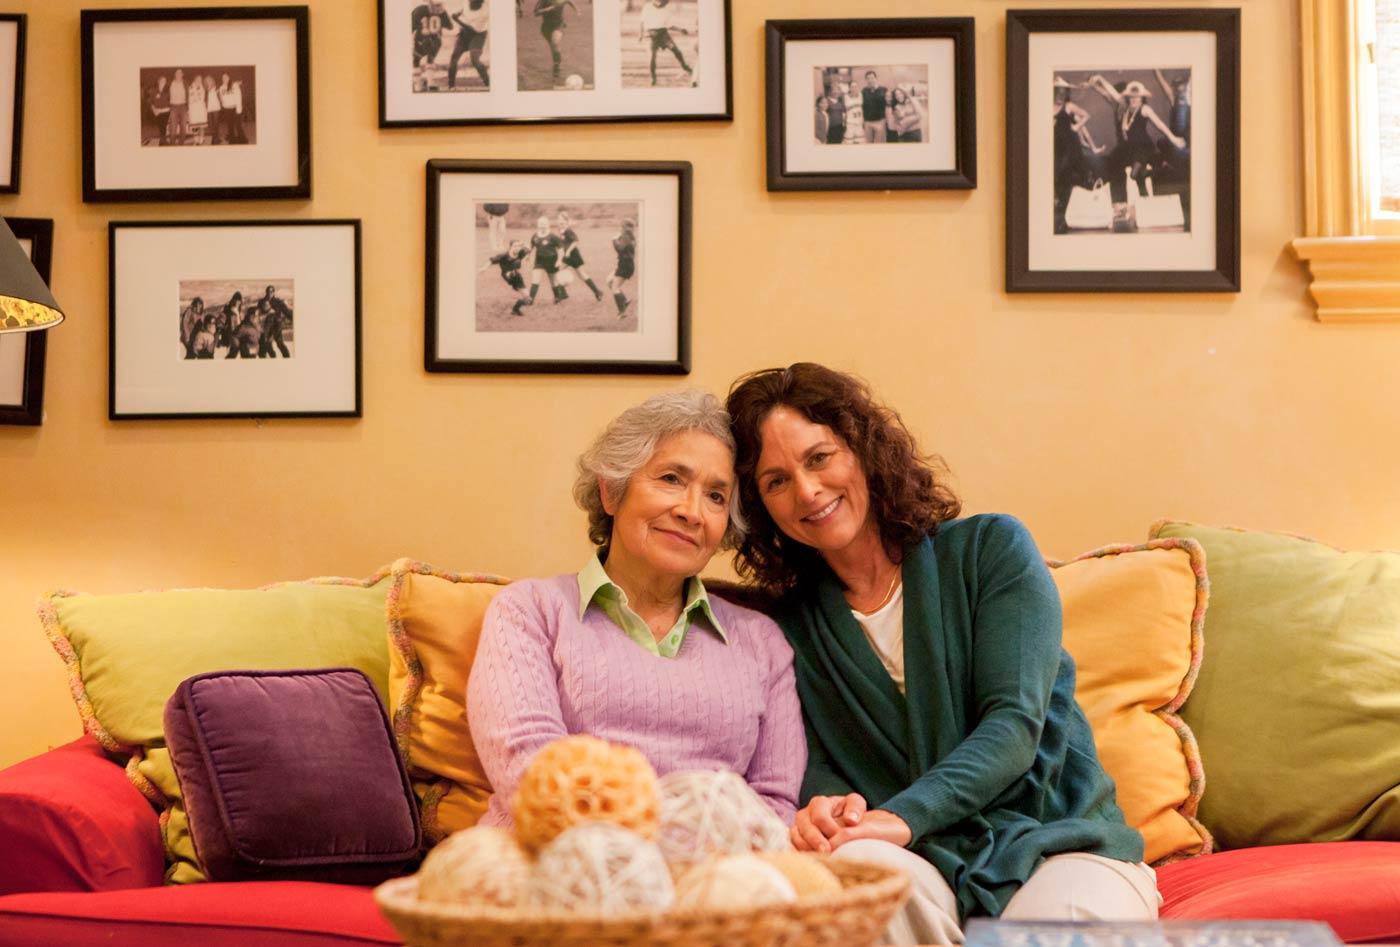 Mère, fille, divan, images, mur, alzheimer